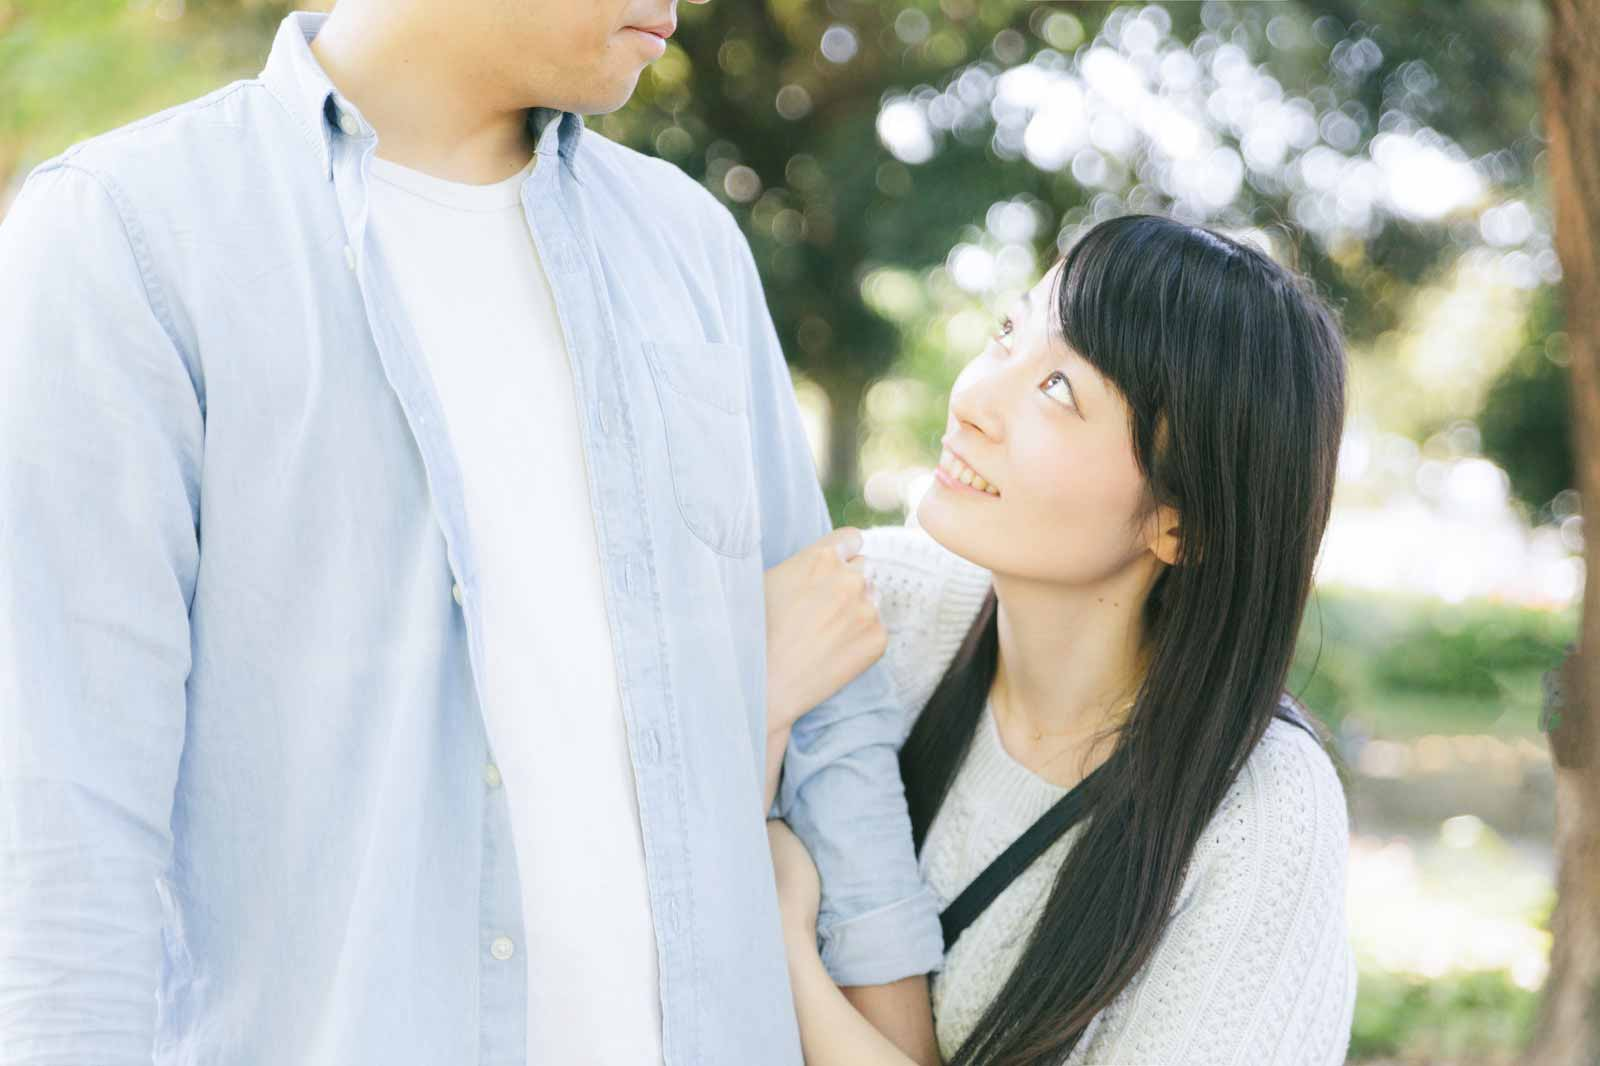 男性の左腕を持って腕組しながら、男性の顔を覗き込んでいる女性